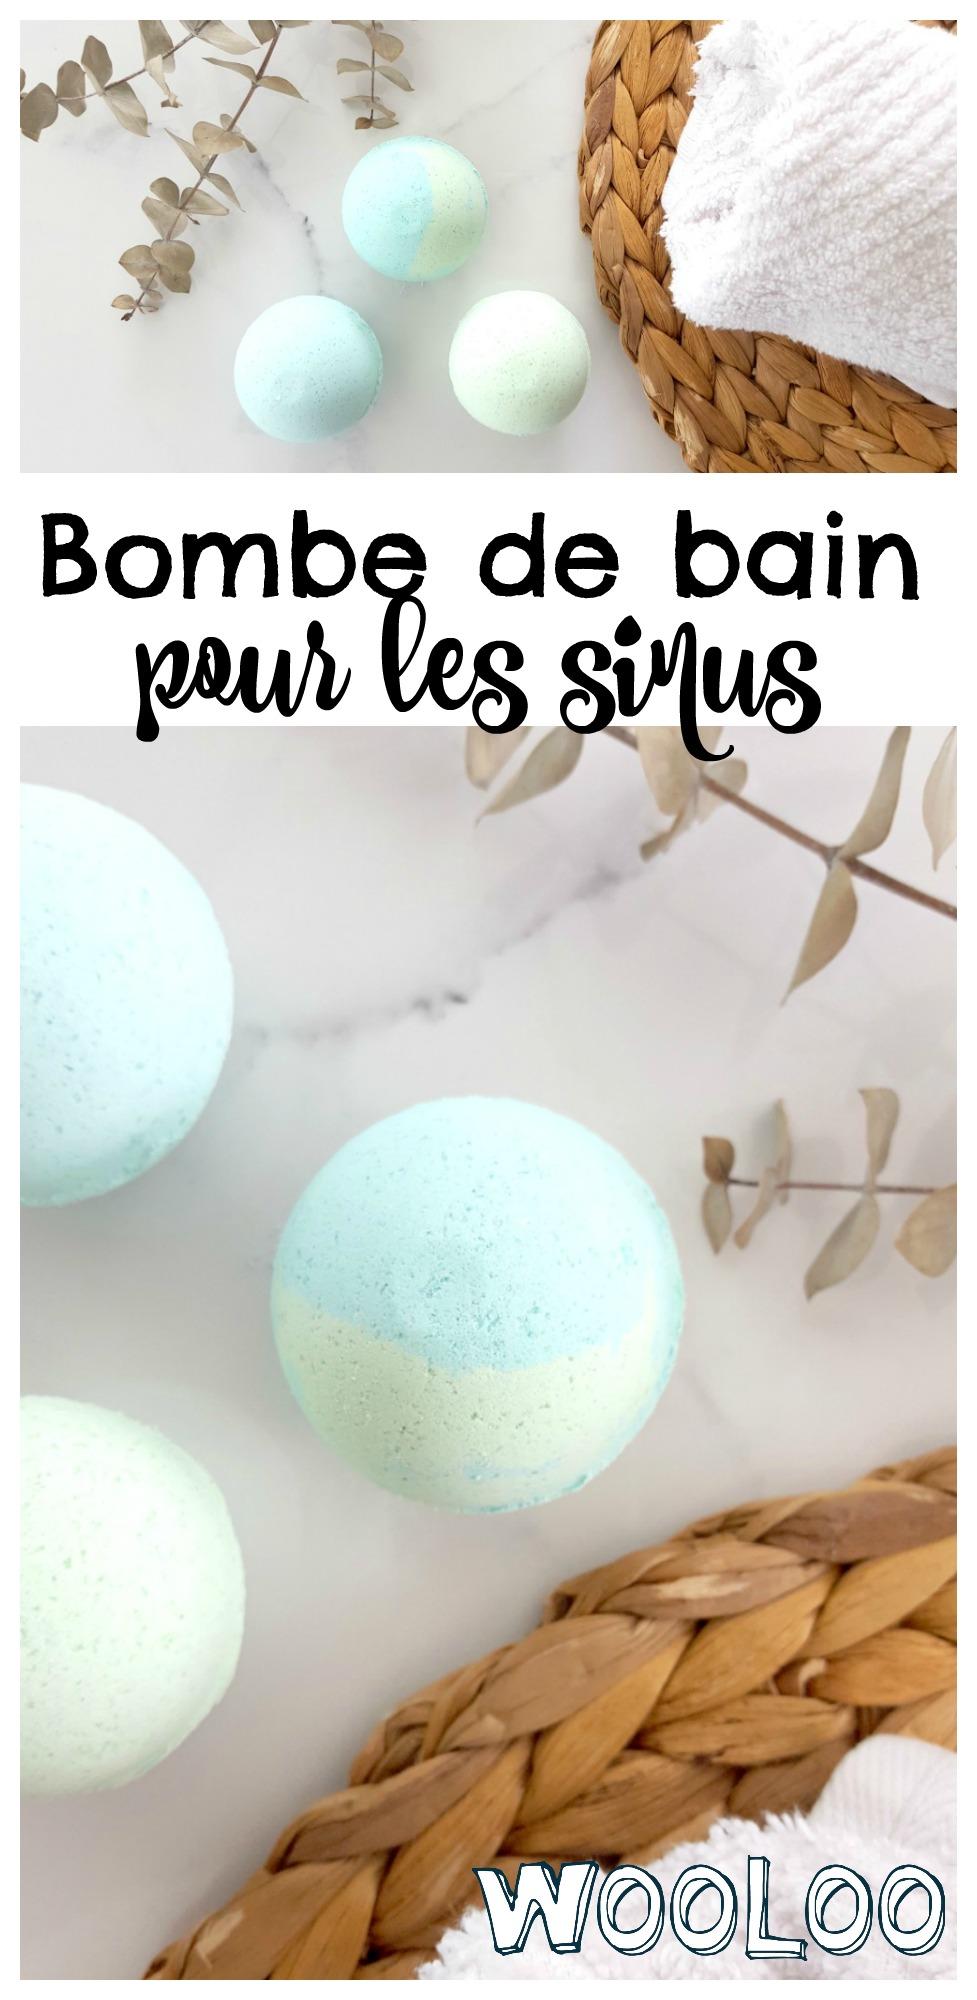 bombe de bain pour les sinus / wooloo